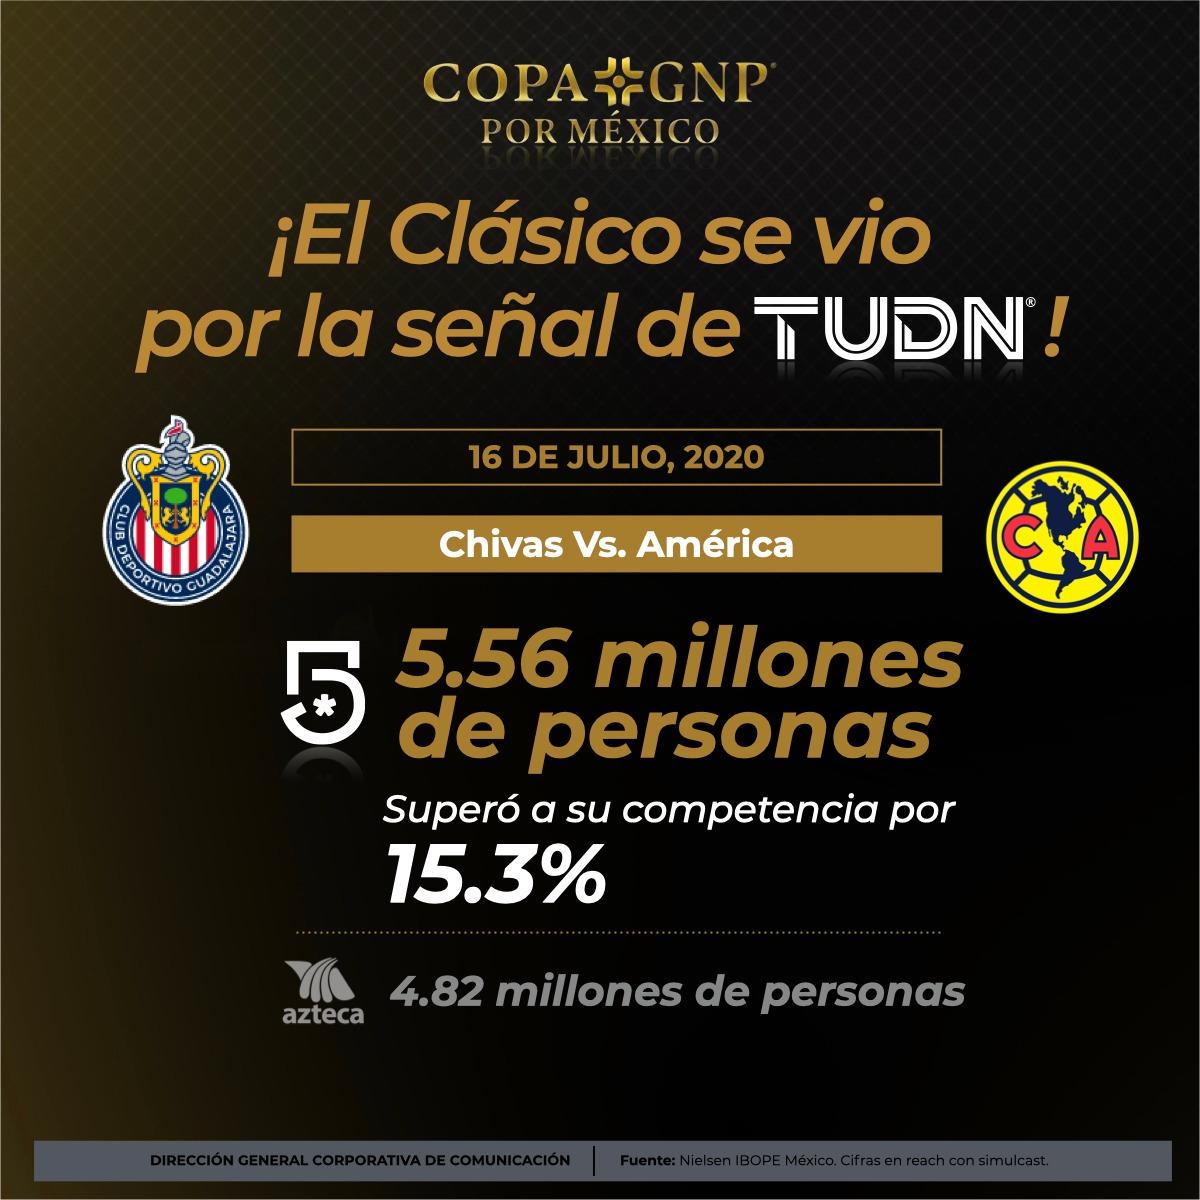 ¡El clásico en la #CopaGNPPorMéxico por @TUDNMEX!🐐🦅🇲🇽  La pasión de el clásico nacional se vivió por @MiCanal5 con 5.56 millones de personas y superó a la competencia por 15.3%.📺👑  Gracias por su preferencia, ¡en #TUDN vivimos TU pasión!  #ContinuamosContigo | #TUDNTeAcompaña https://t.co/POr3M0MPCx